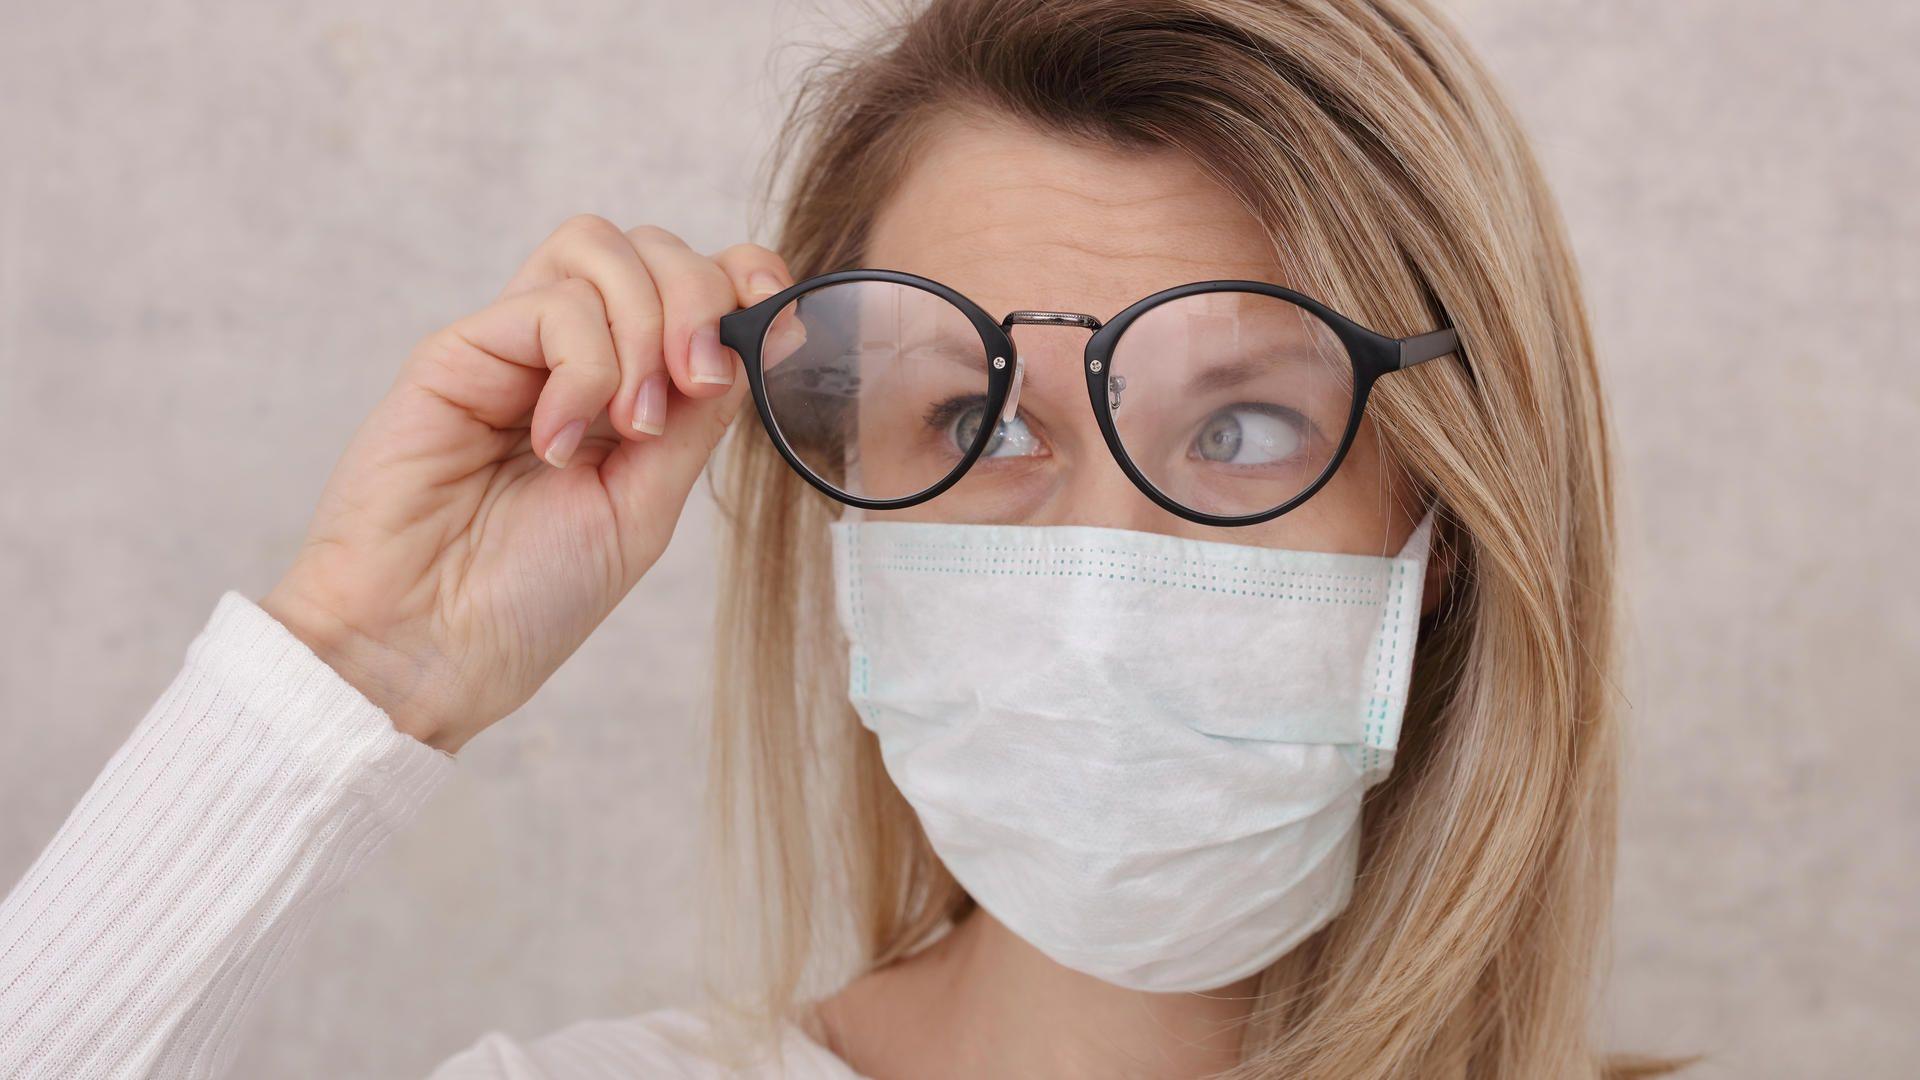 Brille Beschlägt Beim Masken Tragen